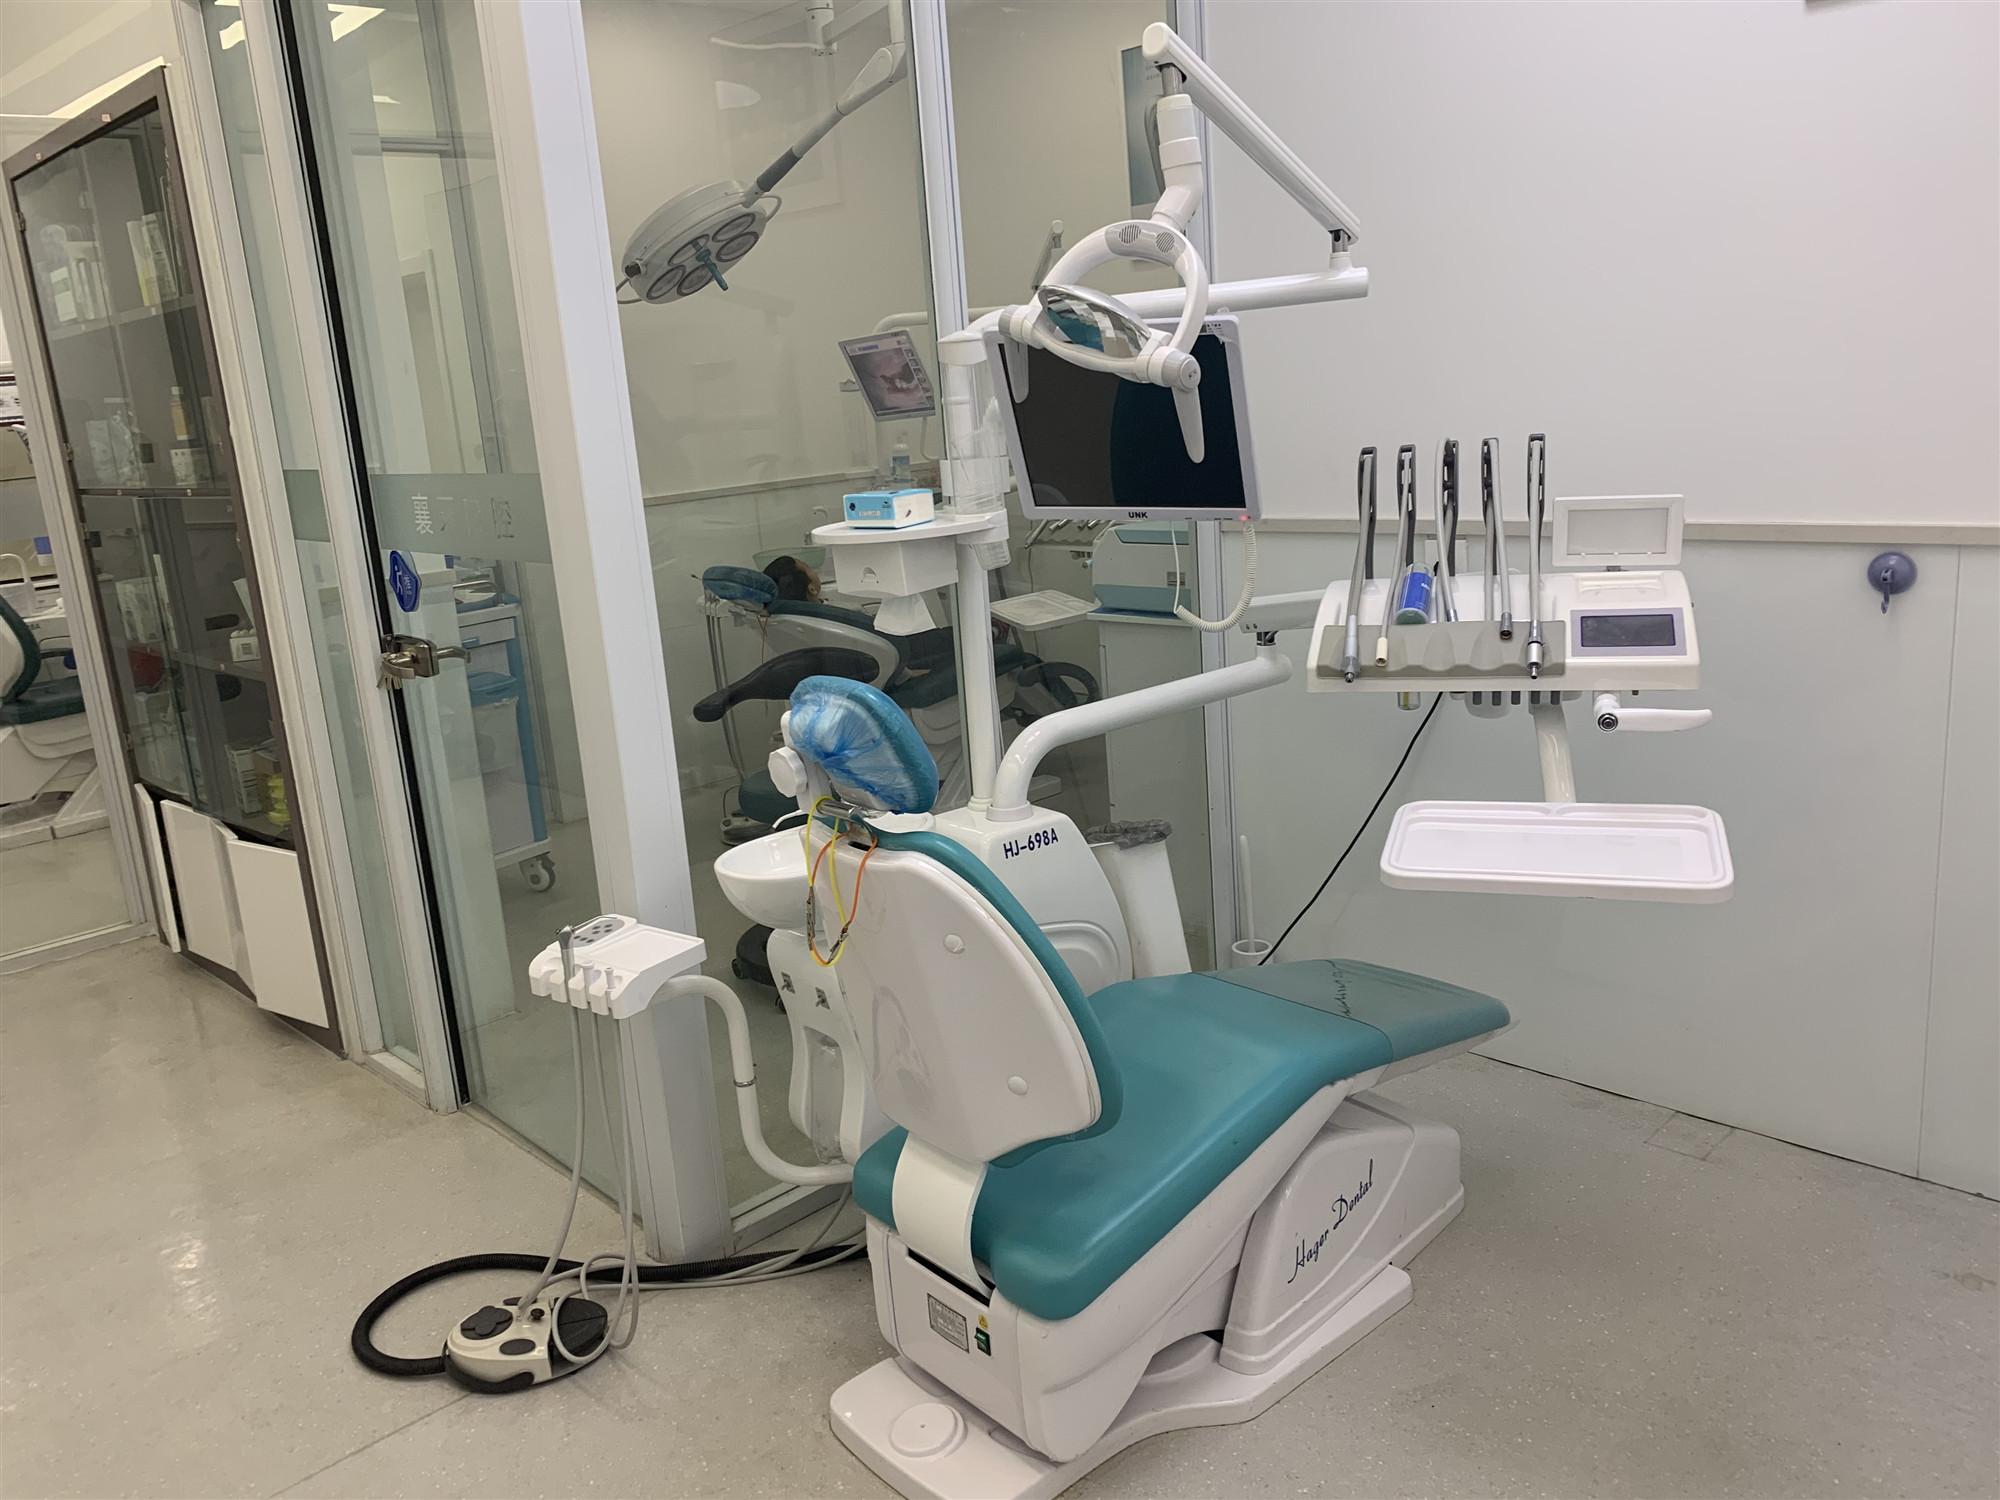 襄牙口腔诊疗室内